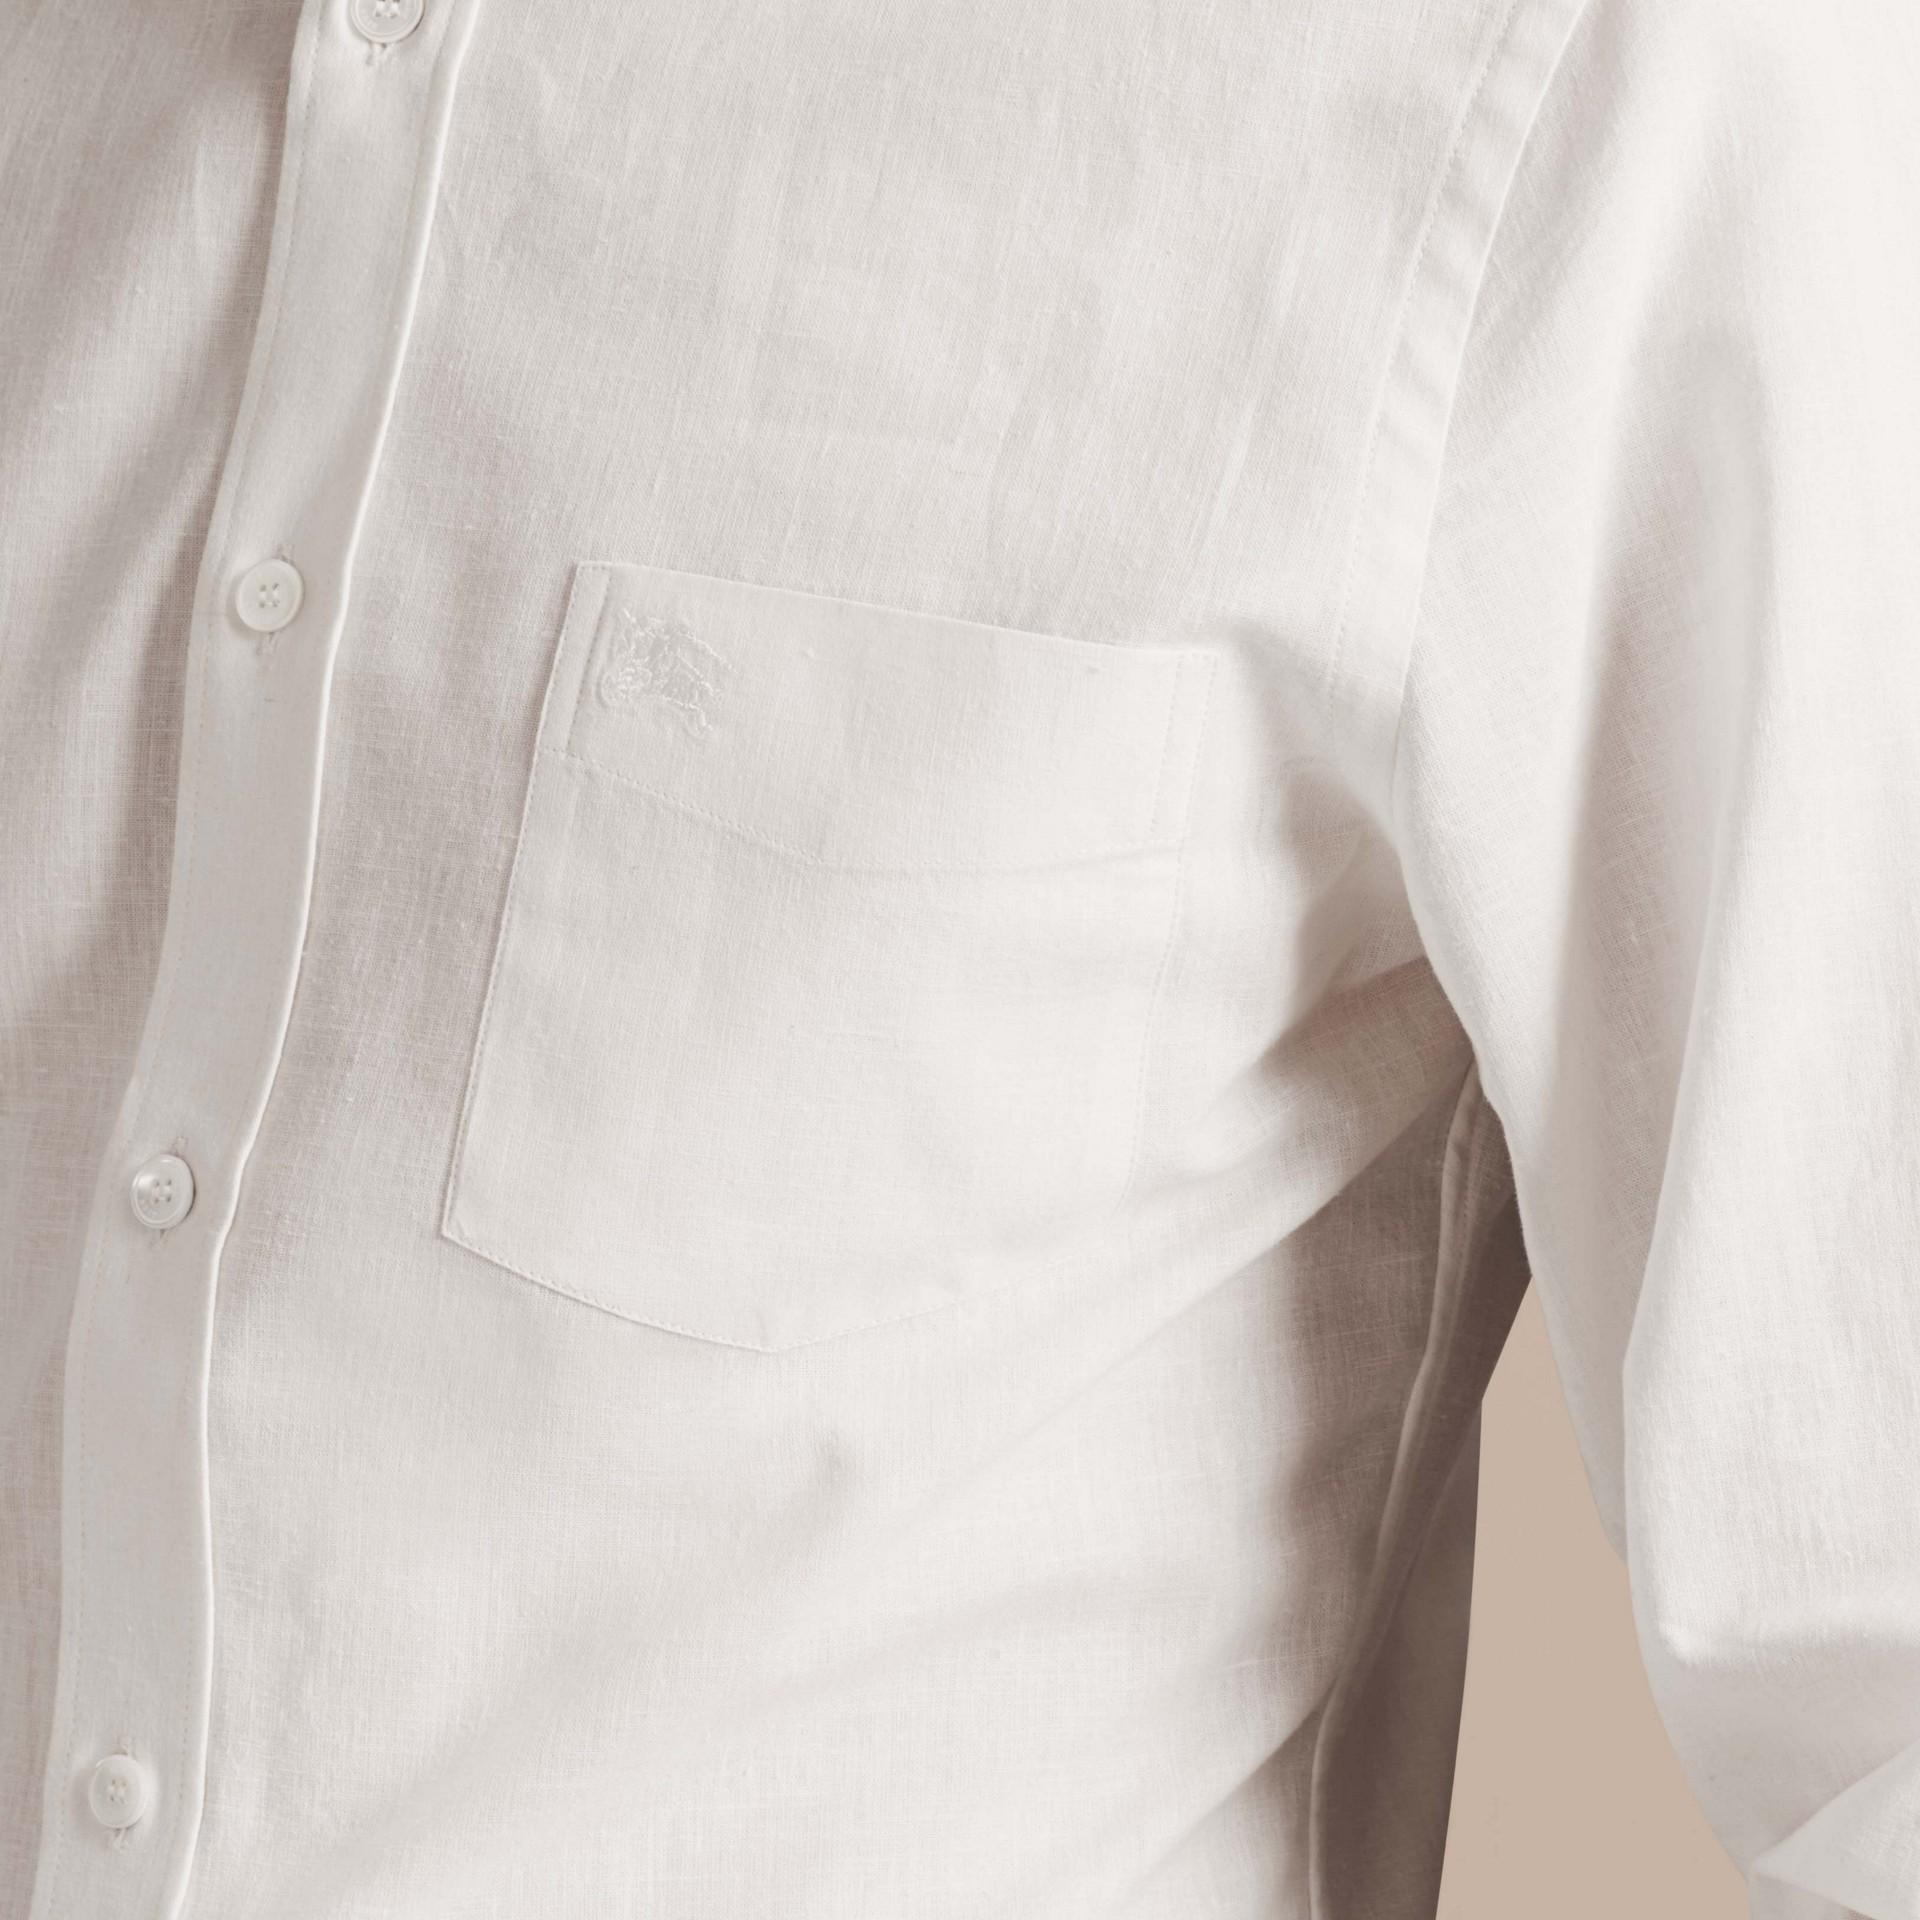 Bianco Camicia in cotone e lino con colletto button-down Bianco - immagine della galleria 4